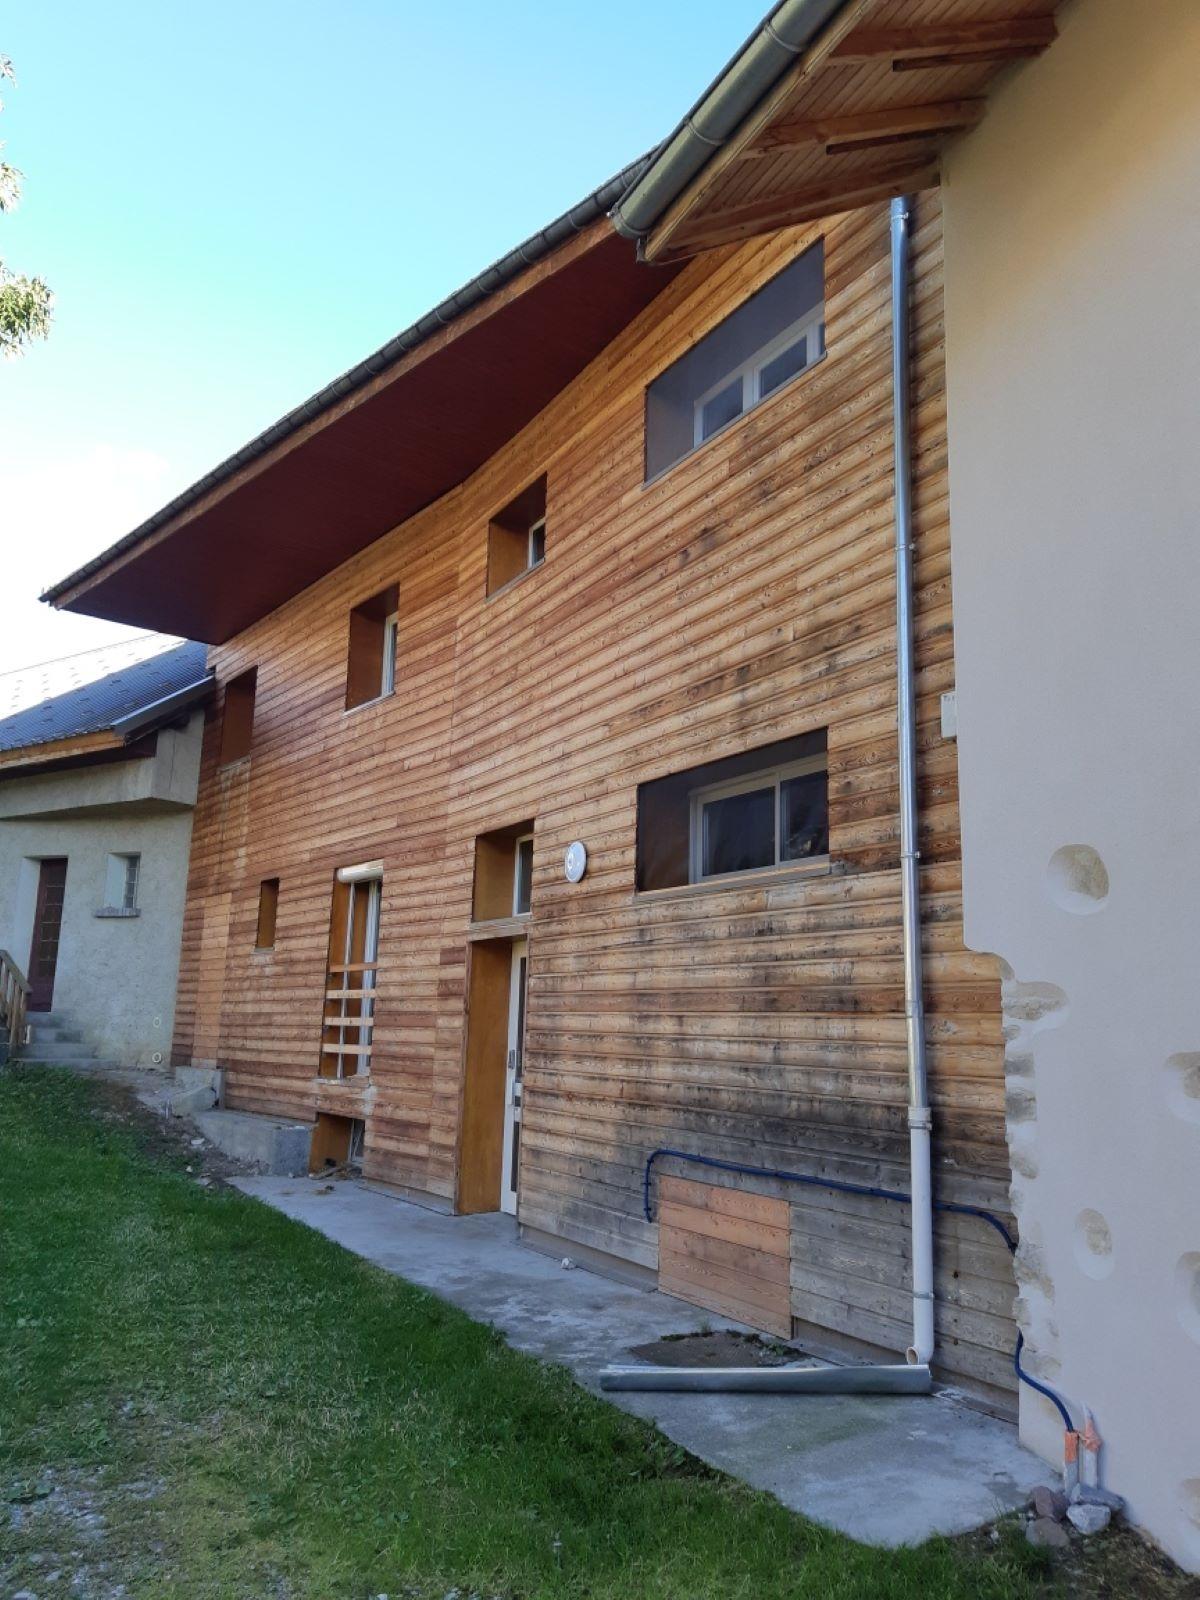 resized 20200901 183430 - ANCELLE T4 DE 84 m² ( 6 COUCHAGES) AU CENTRE DU VILLAGE